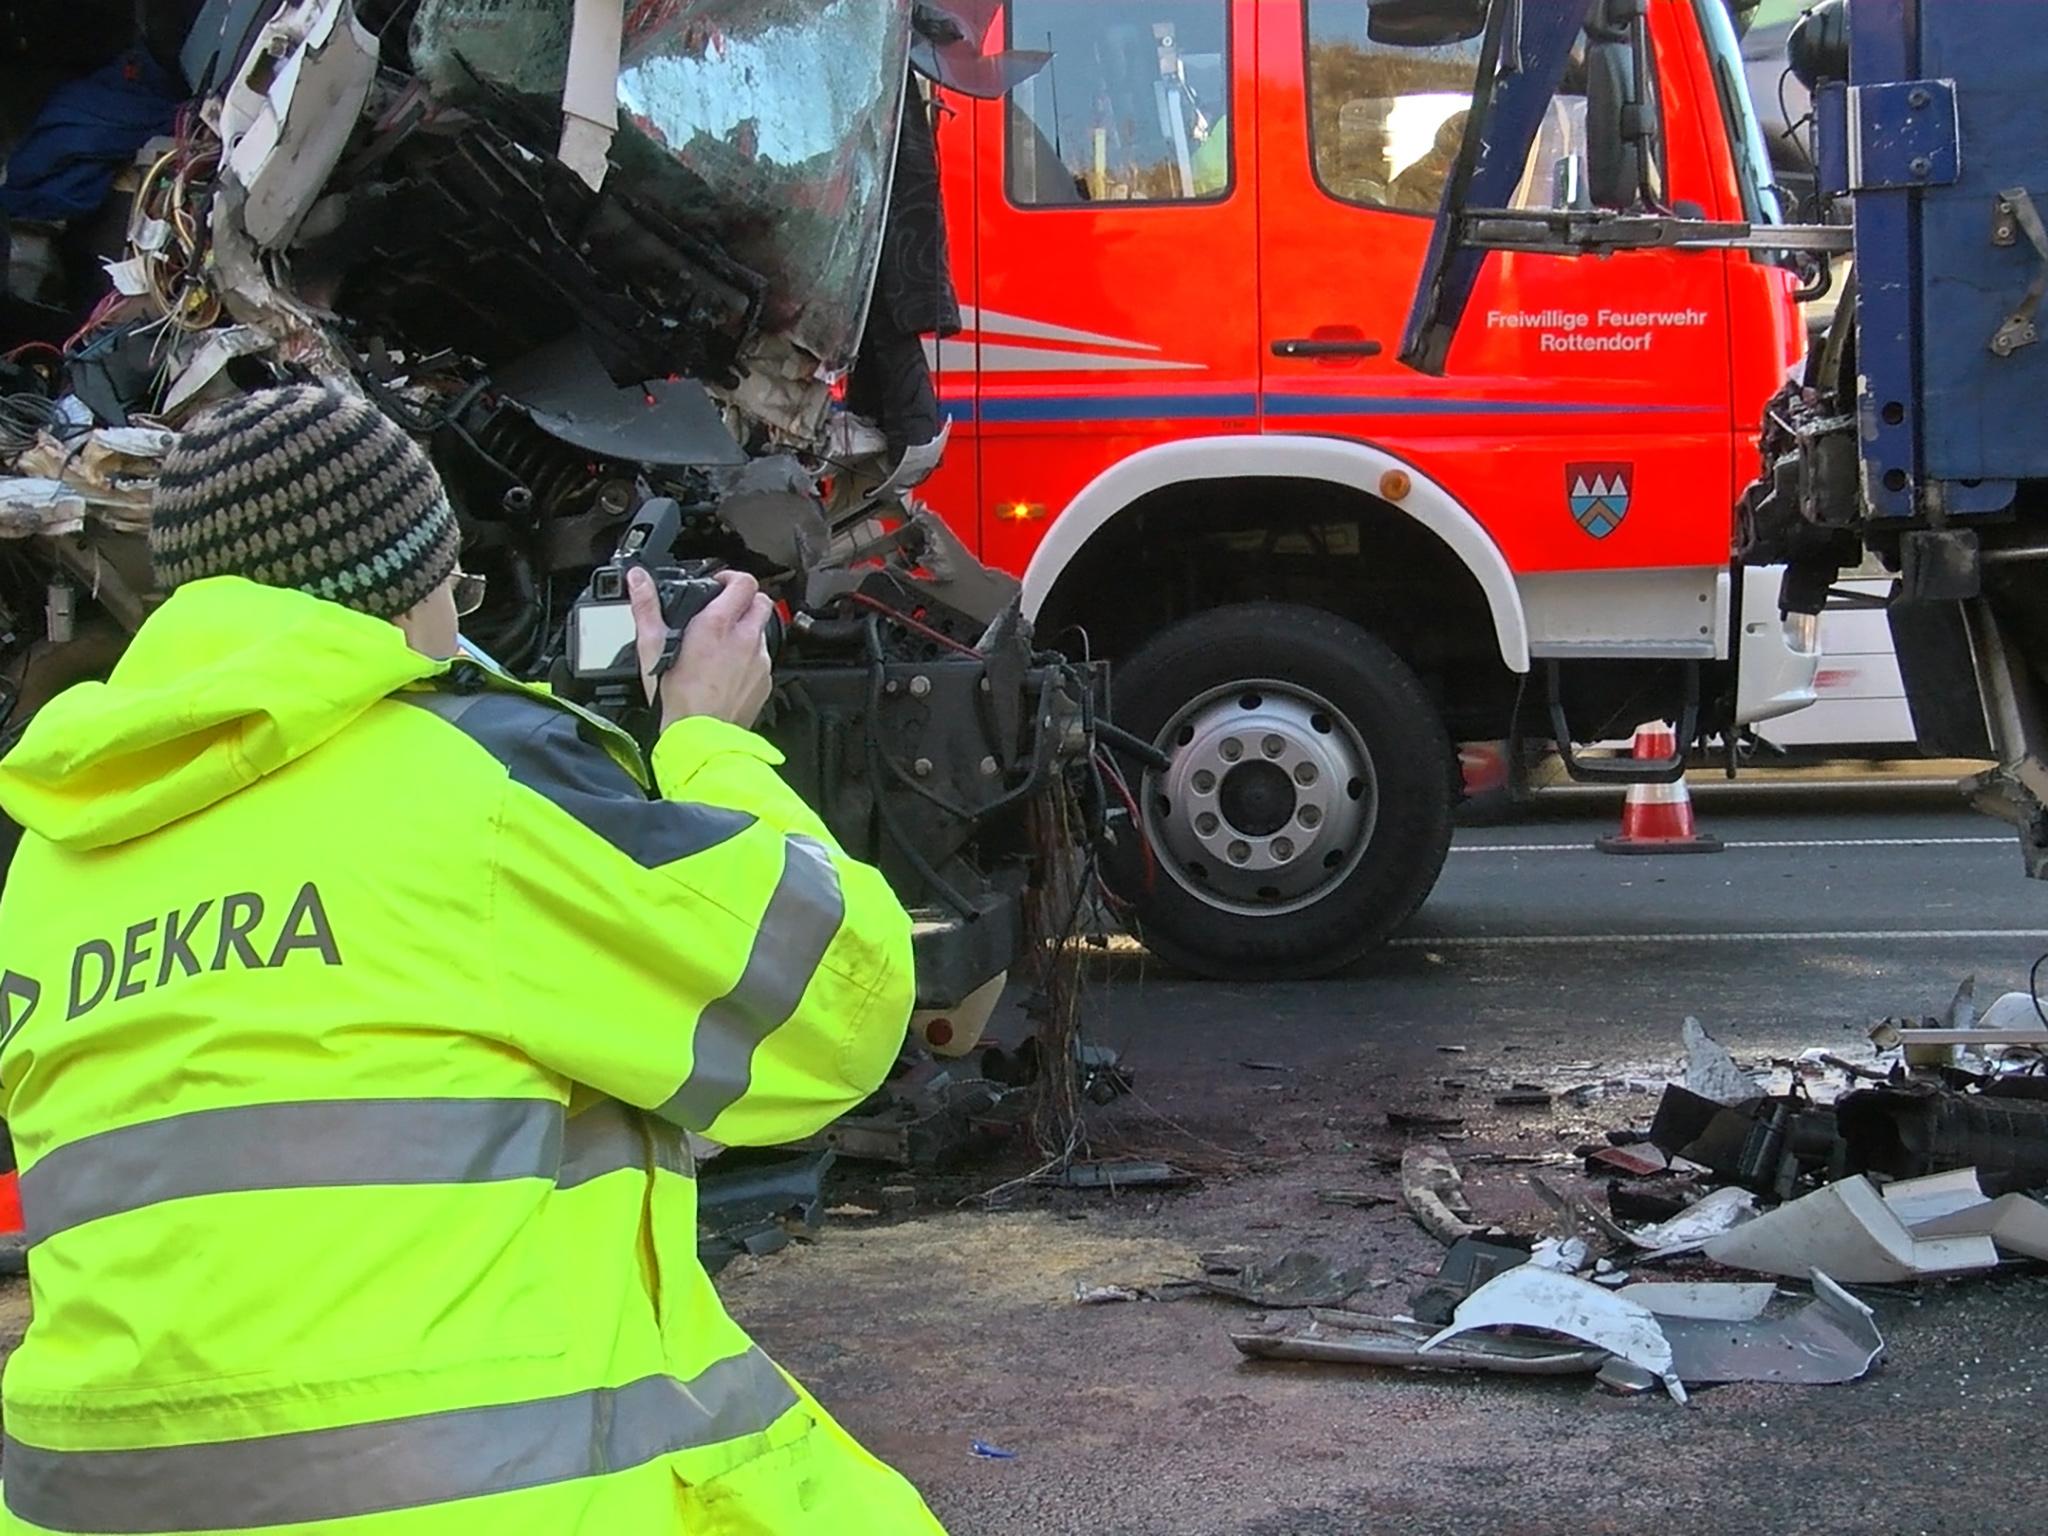 Sachverständiger am Unfallort. Foto: Pascal Höfig